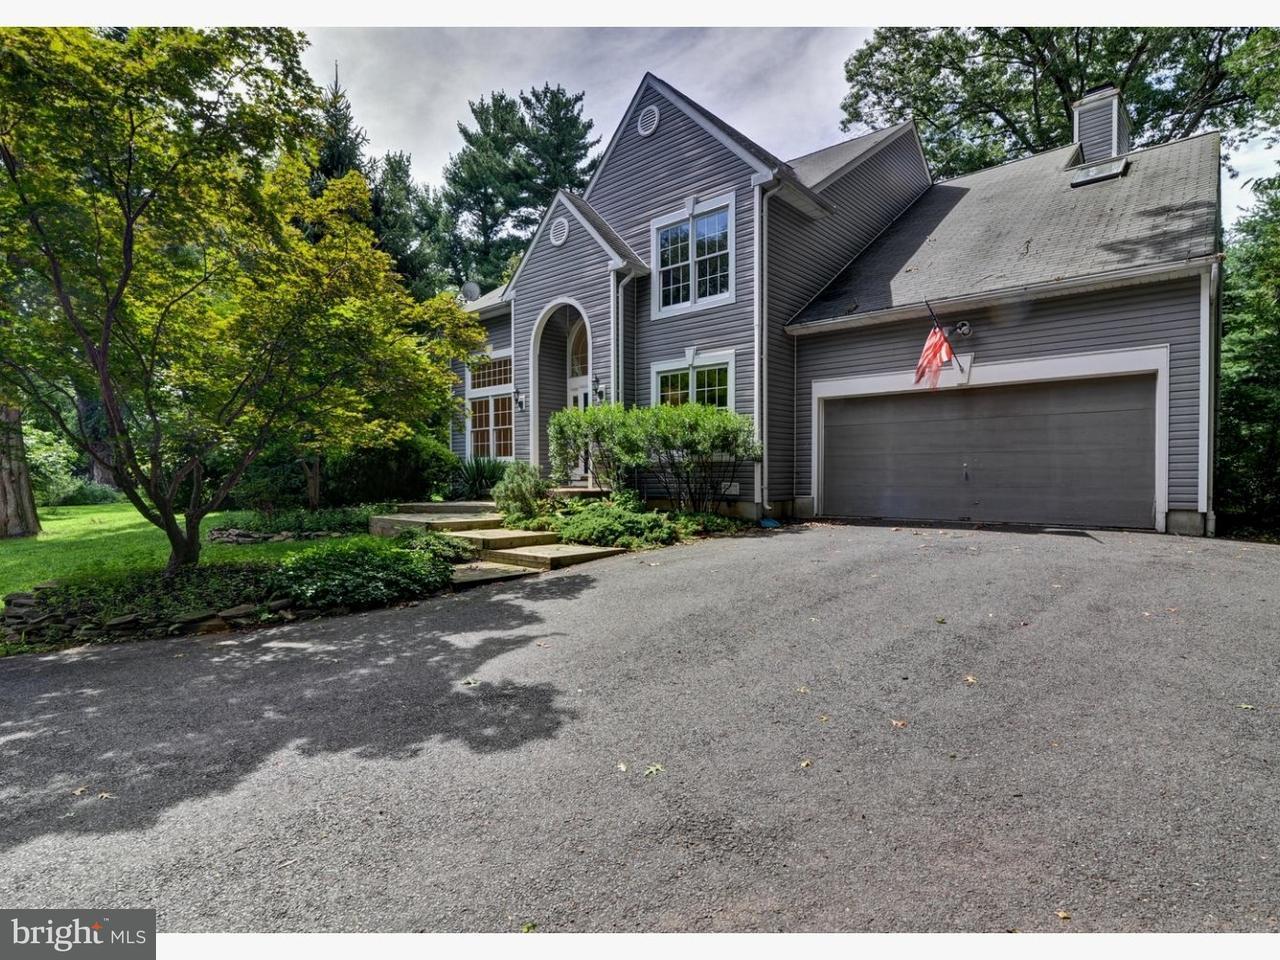 独户住宅 为 出租 在 149 E DELAWARE Avenue 彭宁顿, 新泽西州 08534 美国在/周边: Pennington Borough